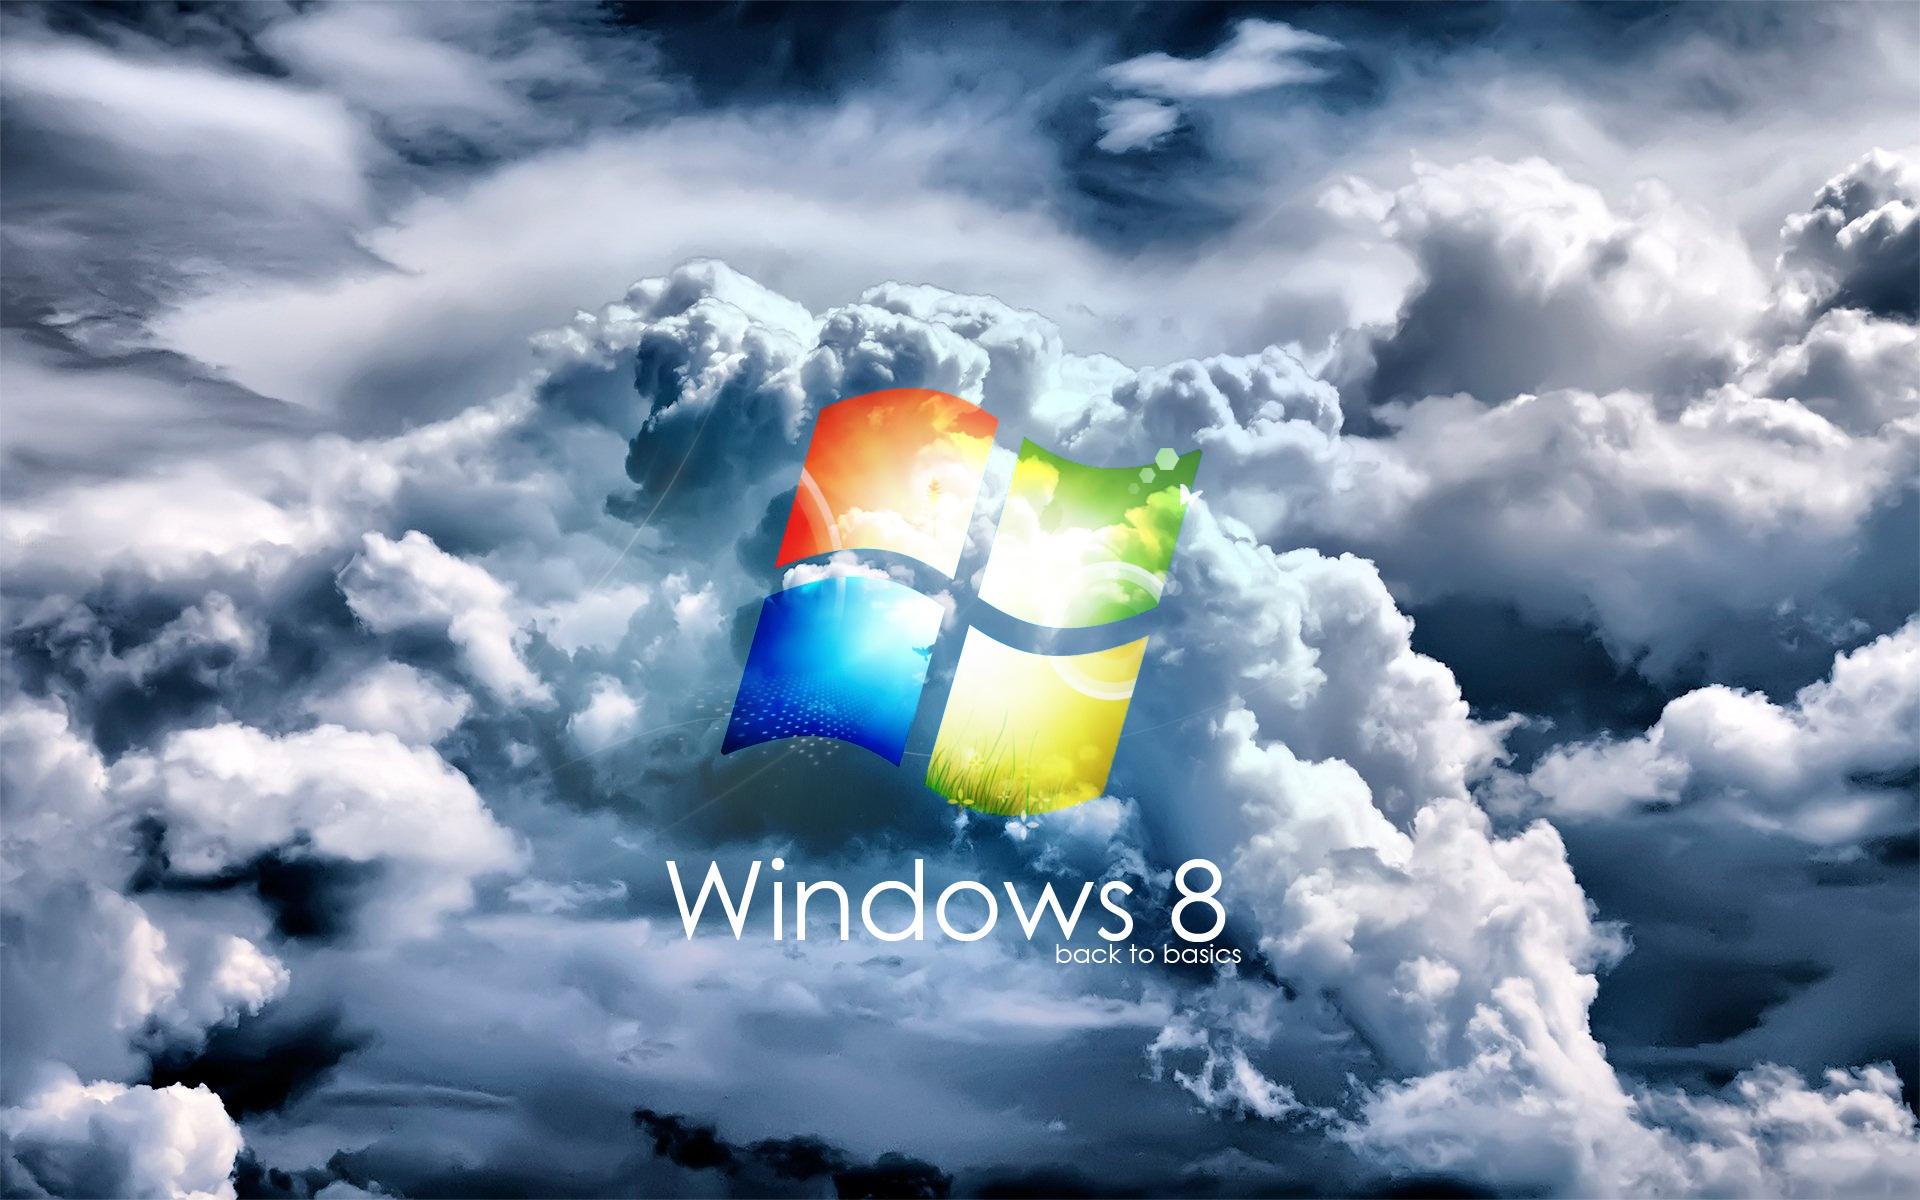 Windows 8 back to basics Papéis de Parede - 1920x1200